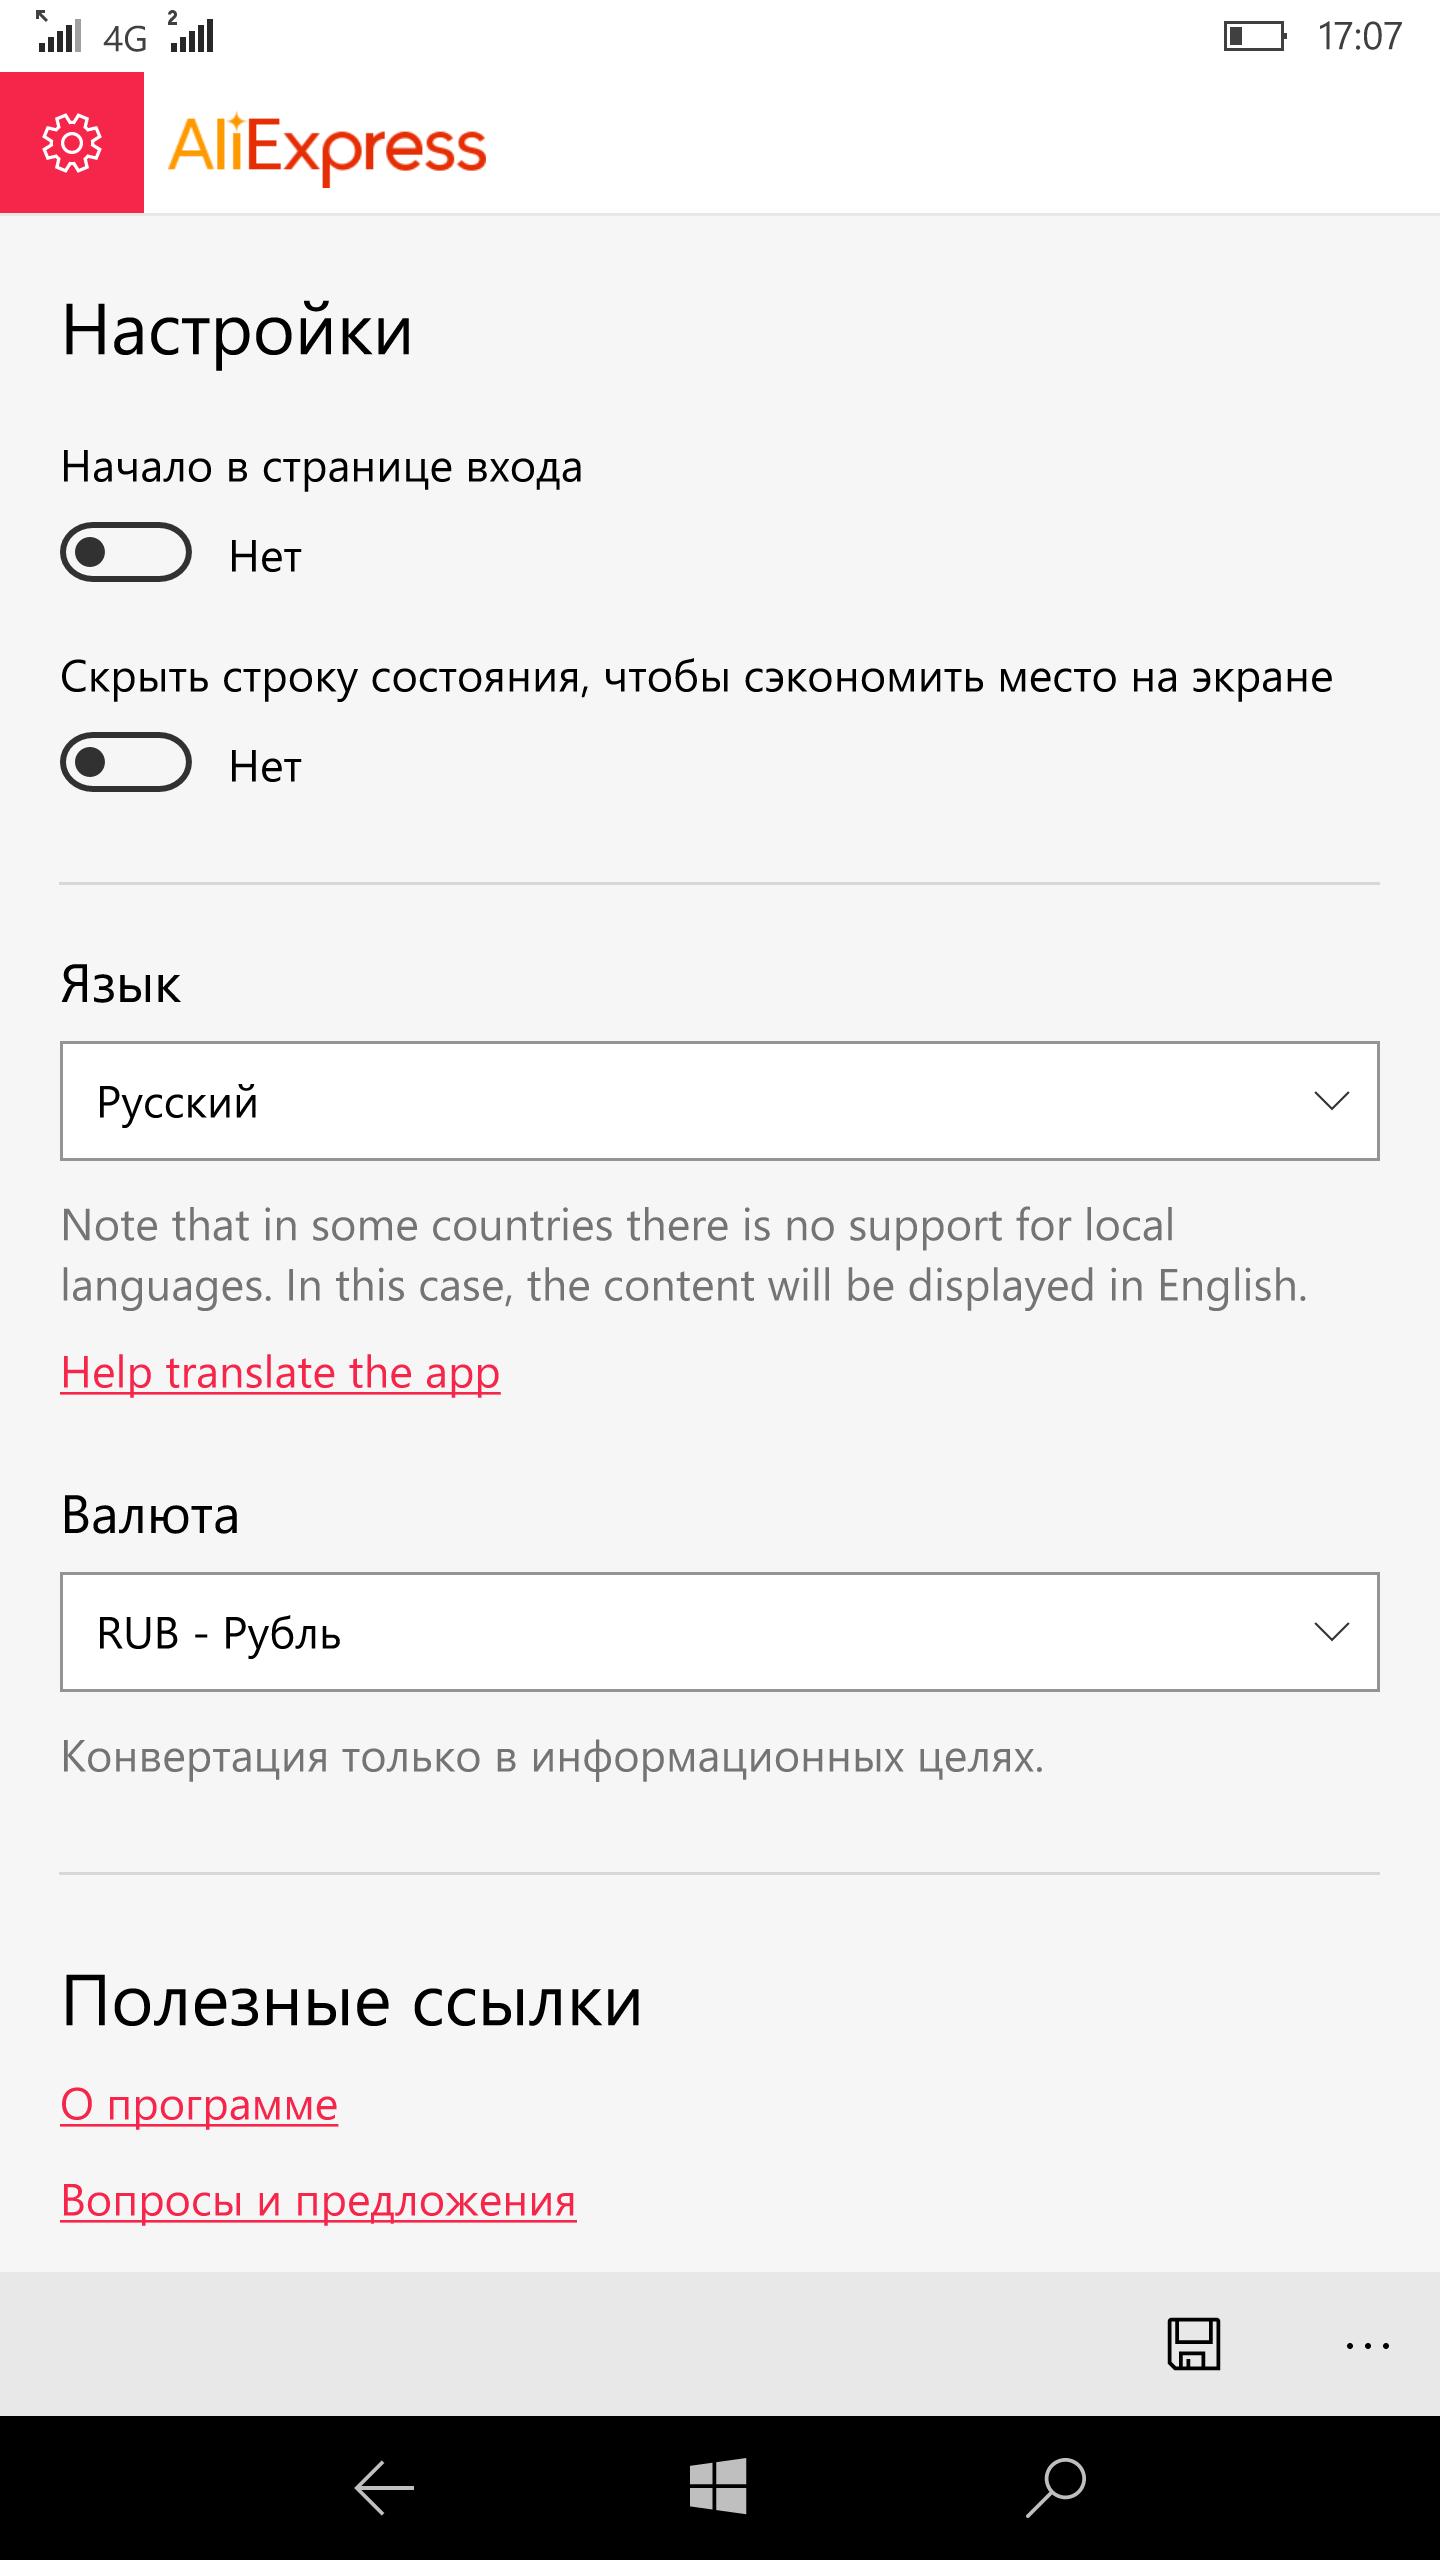 Где скачать бесплатно приложение алиэкпресс?